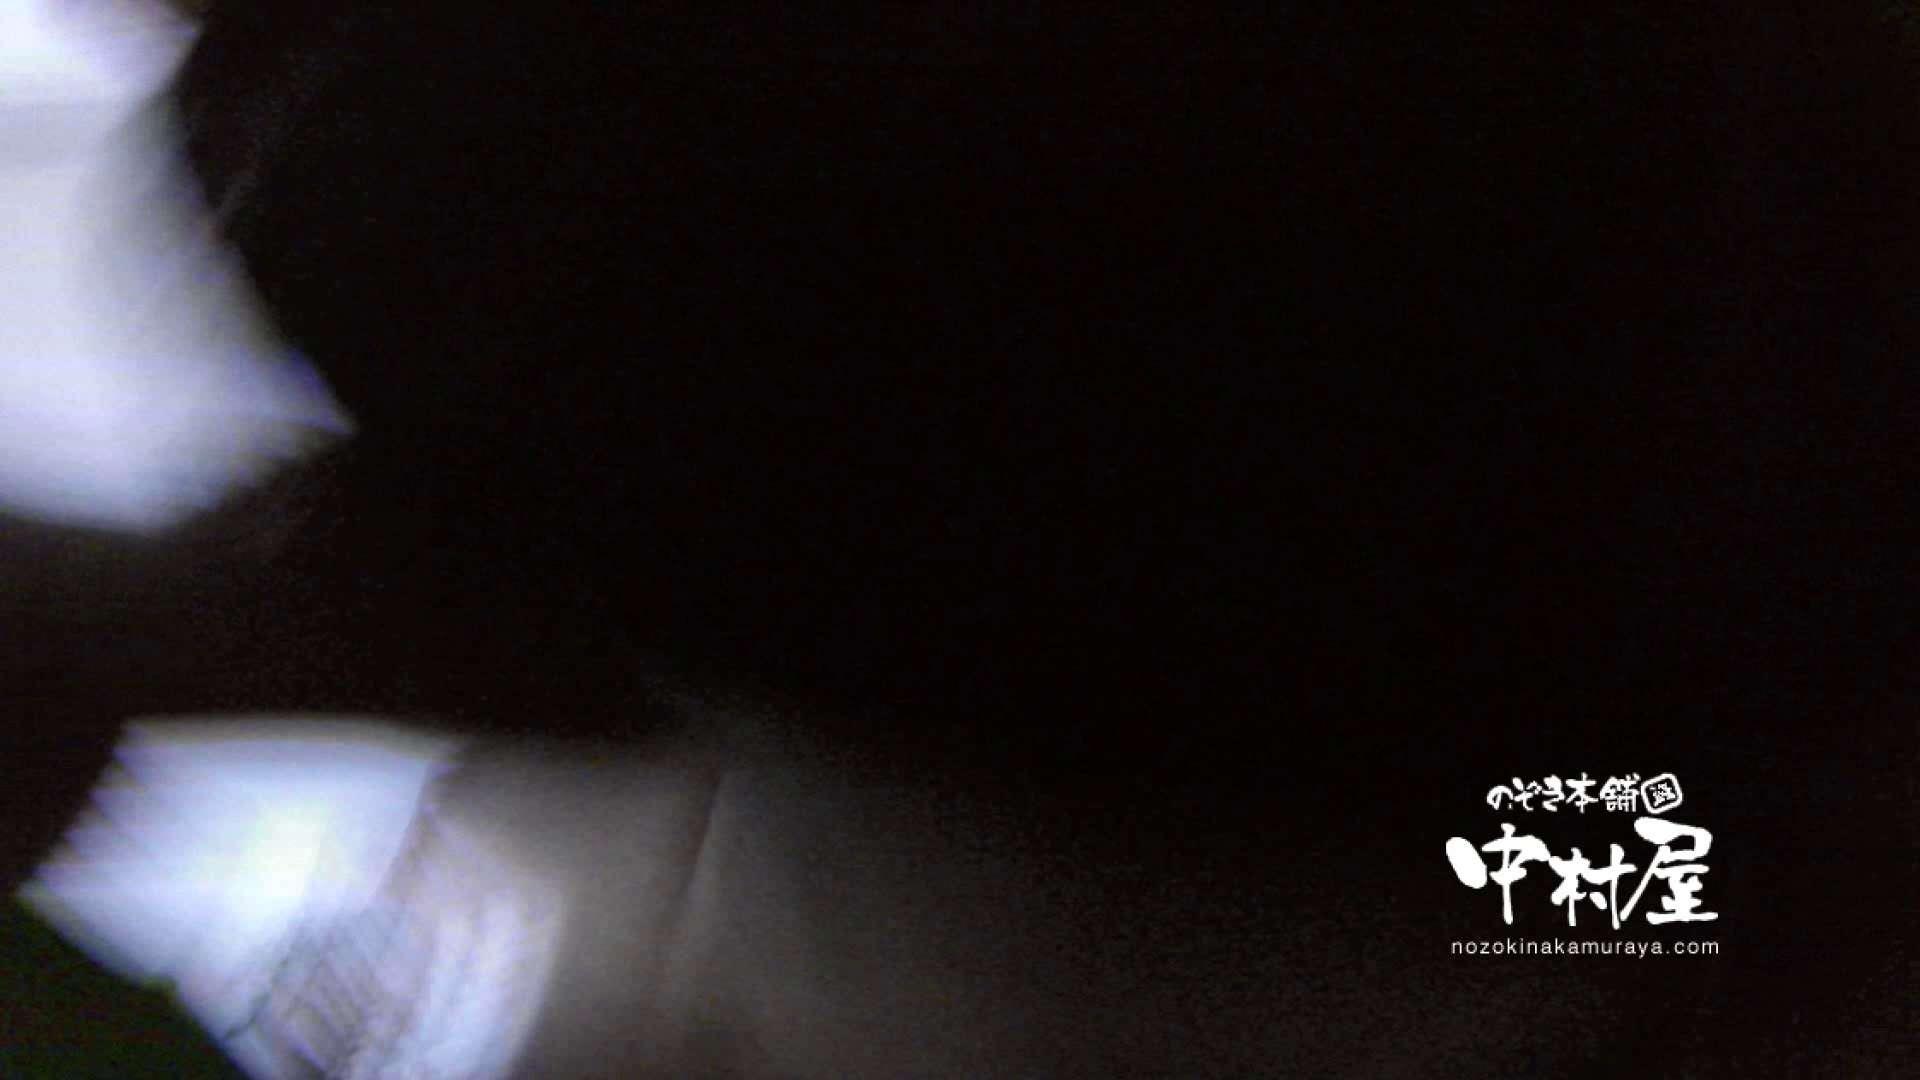 鬼畜 vol.12 剥ぎ取ったら色白でゴウモウだった 後編 OLセックス | 鬼畜  86画像 65